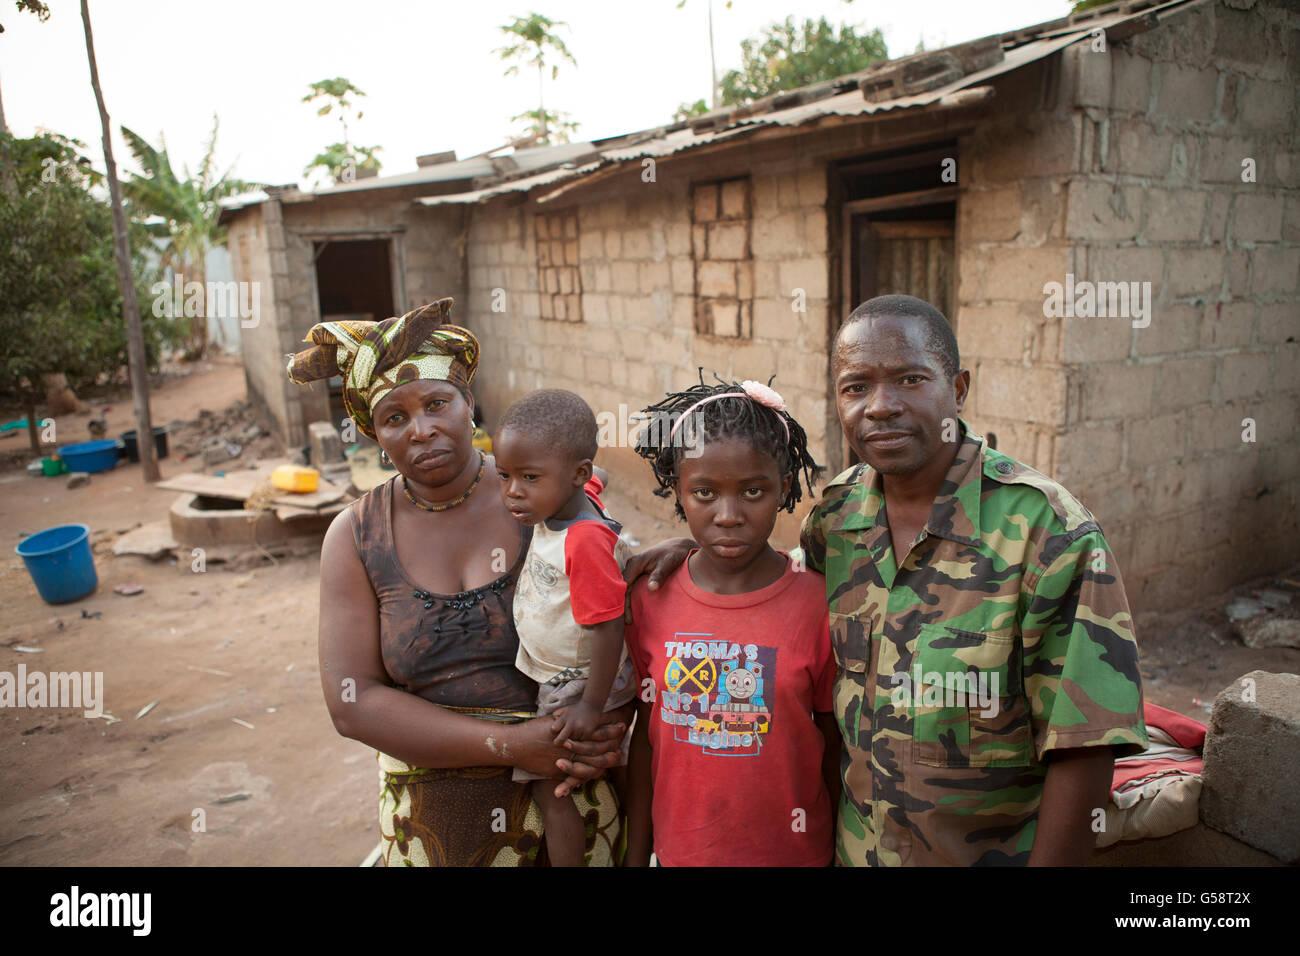 Una familia se une fuera de su casa en Nampula, Mozambique. Imagen De Stock